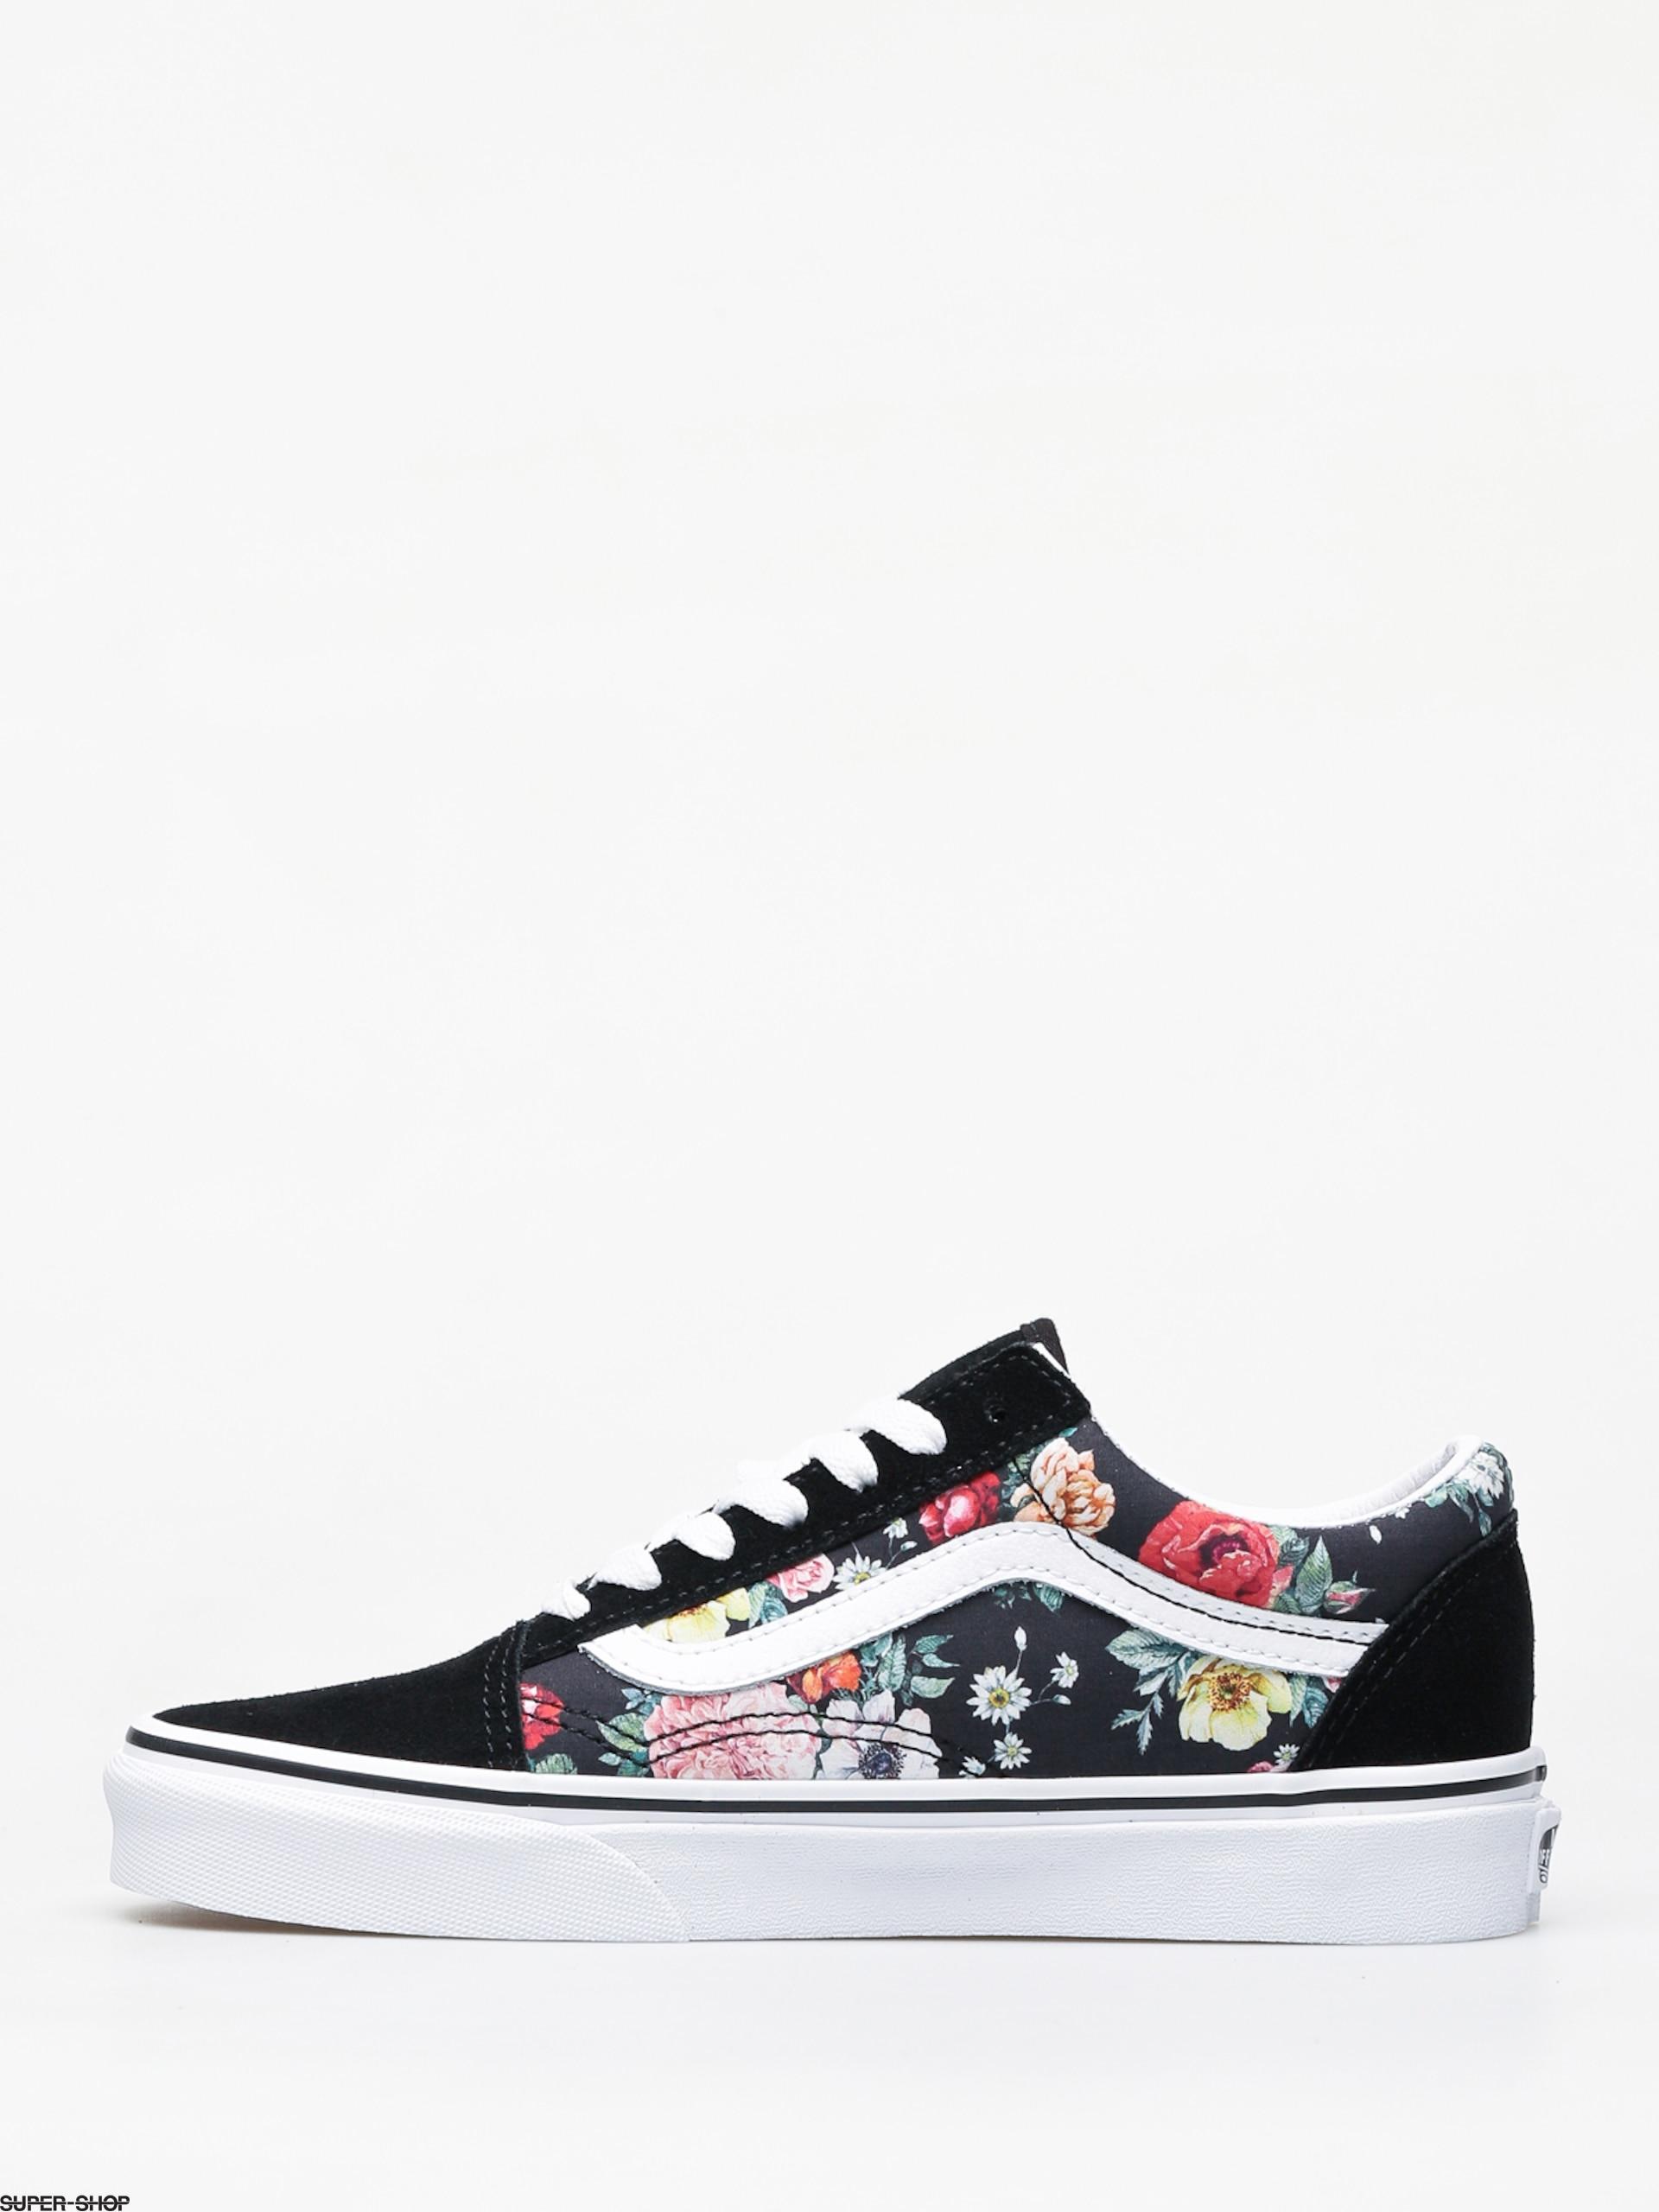 Vans Old Skool Shoes (garden floral